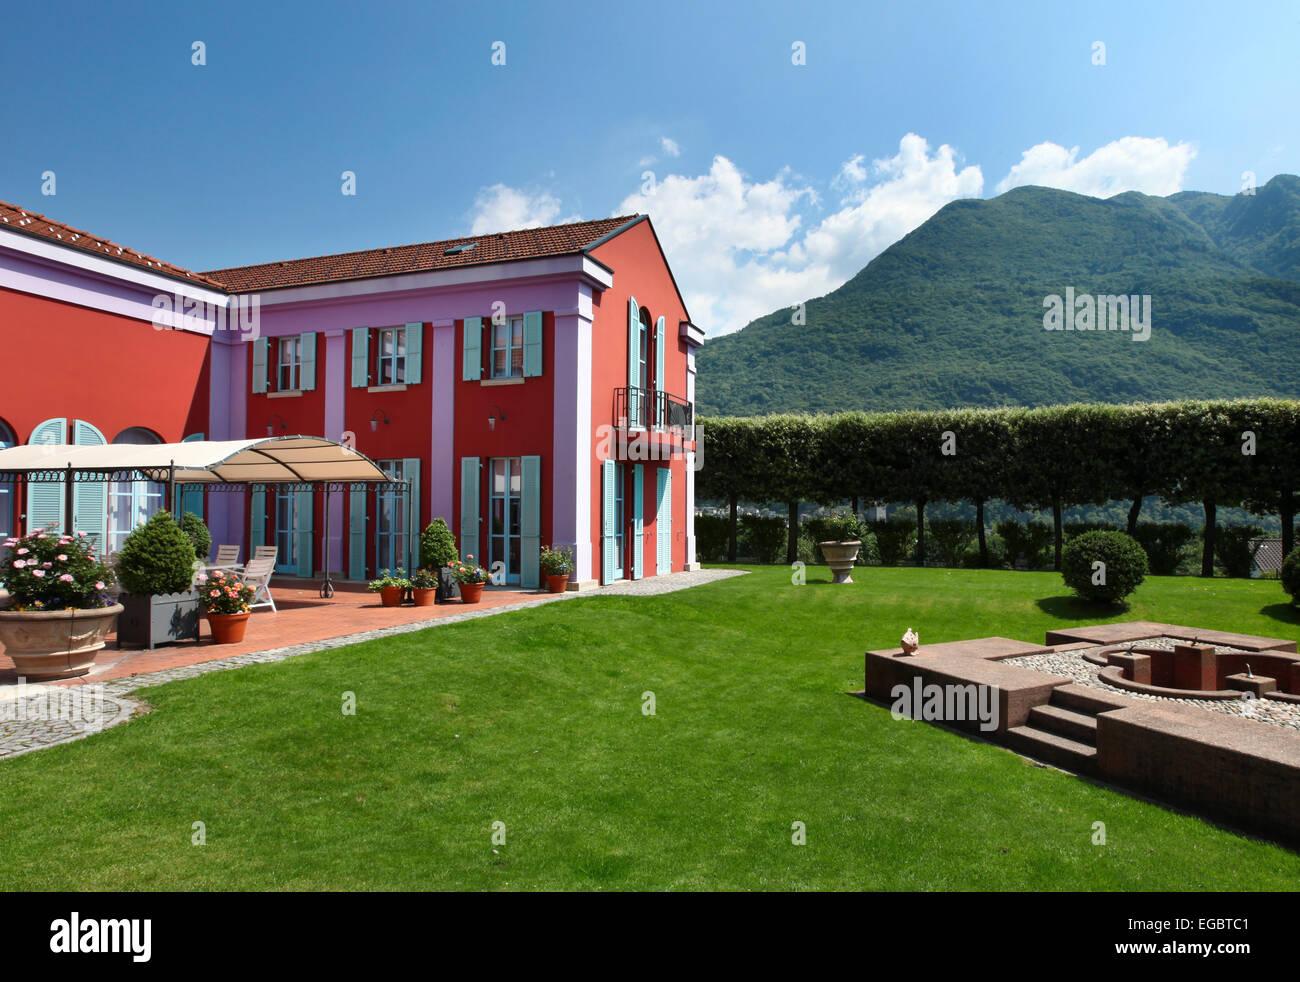 au en neue villa im klassischen stil blick vom garten stockfoto bild 78936593 alamy. Black Bedroom Furniture Sets. Home Design Ideas